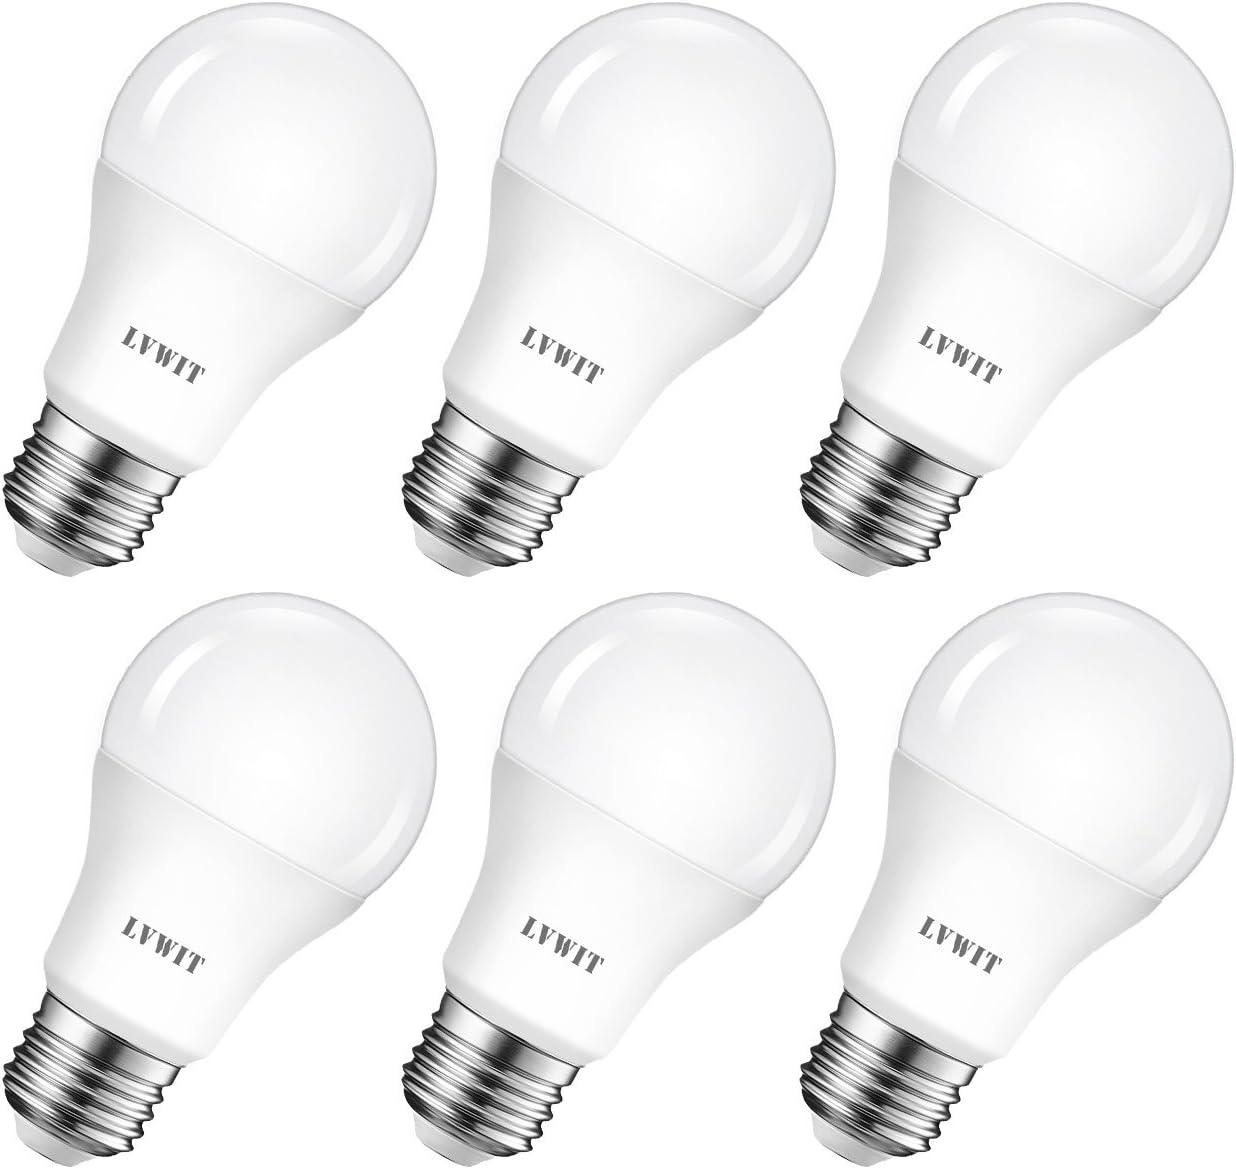 6 Unidades Bombillas LED A60, Casquillo E27, 8.5W equivalente a 60W, 6500K Luz Blanca Fría, 806 lúmenes, Garantía 3 años, No regulable - LVWIT.